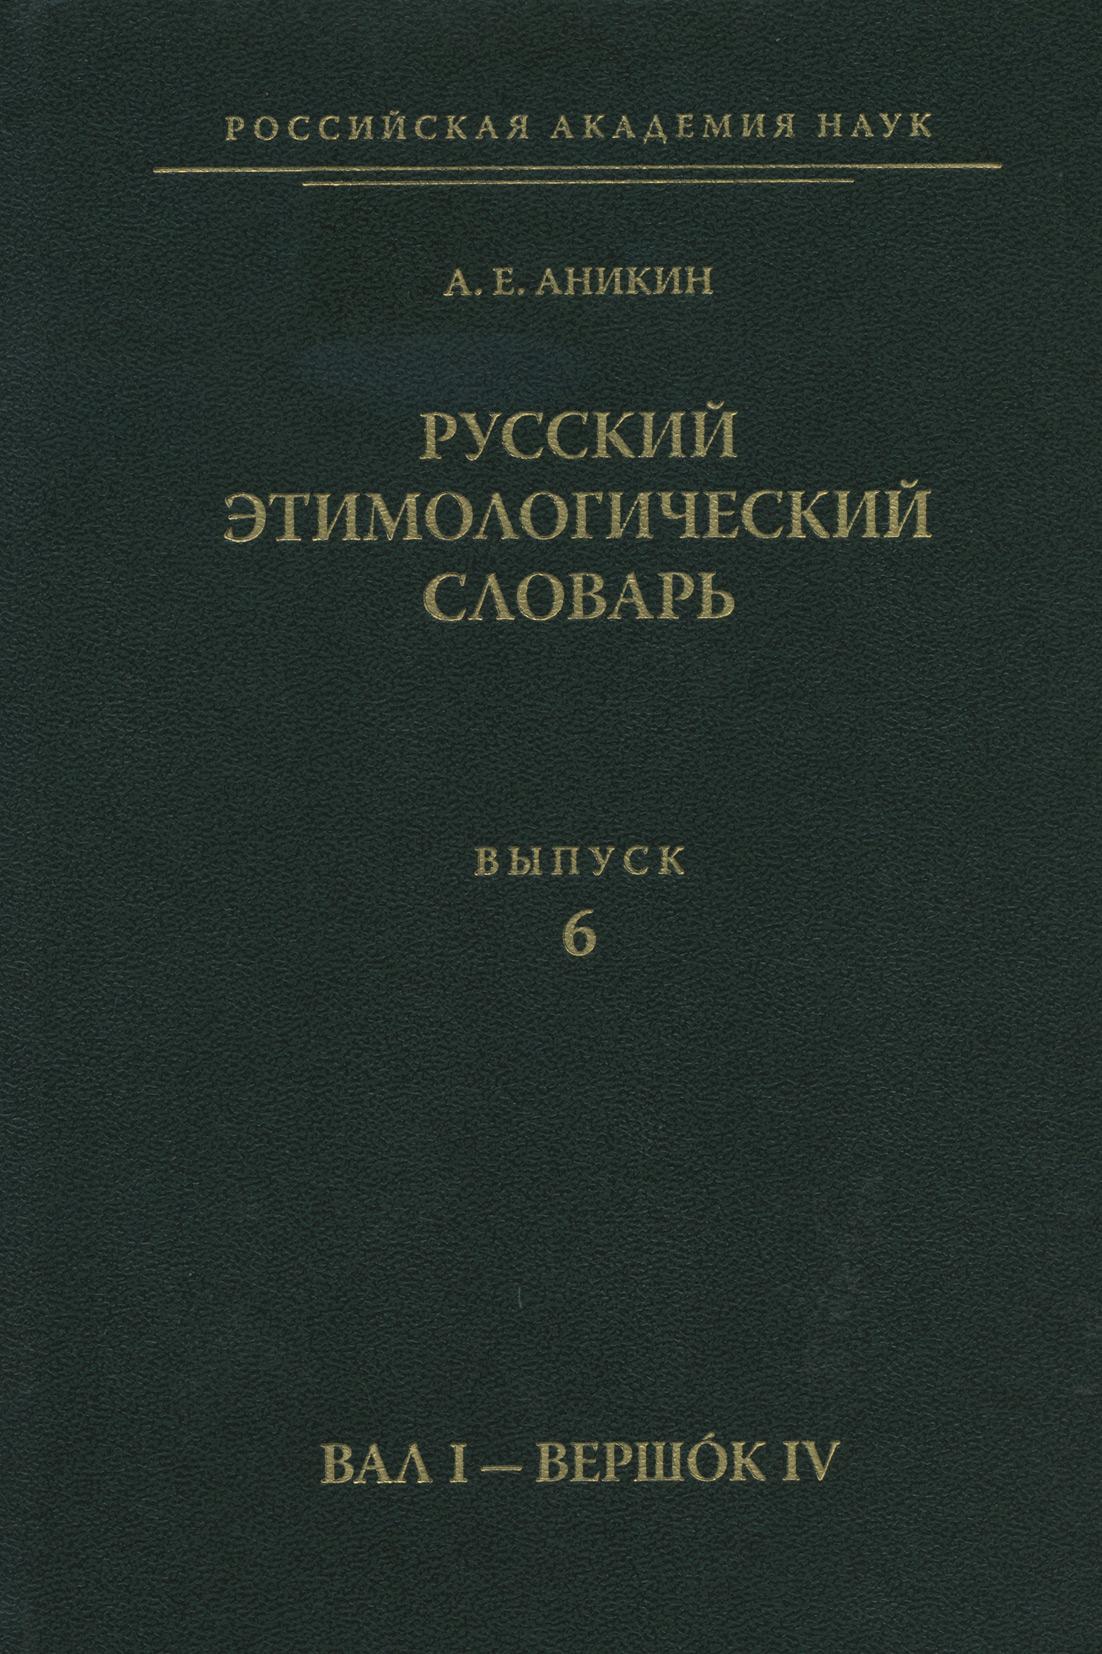 Русский этимологический словарь. Вып. 6 (валI– вершок IV)